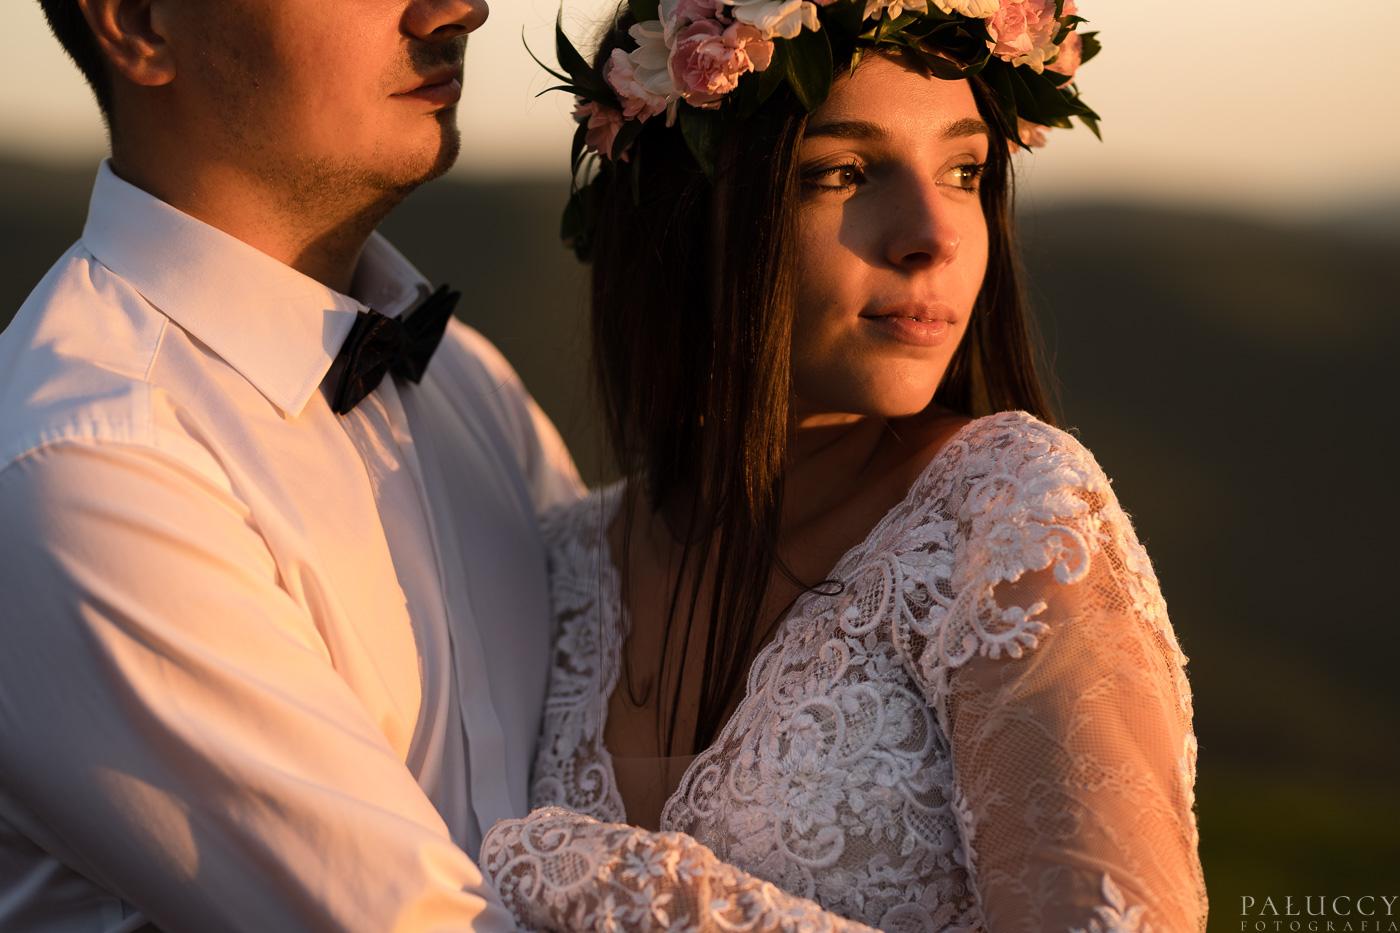 Pałuccy Fotografia, sesja poślubna, zachód słońca Połonina Wetlińska, Chatka Puchatka, fotografia ślubna Tarnów, Kraków, Rzeszów